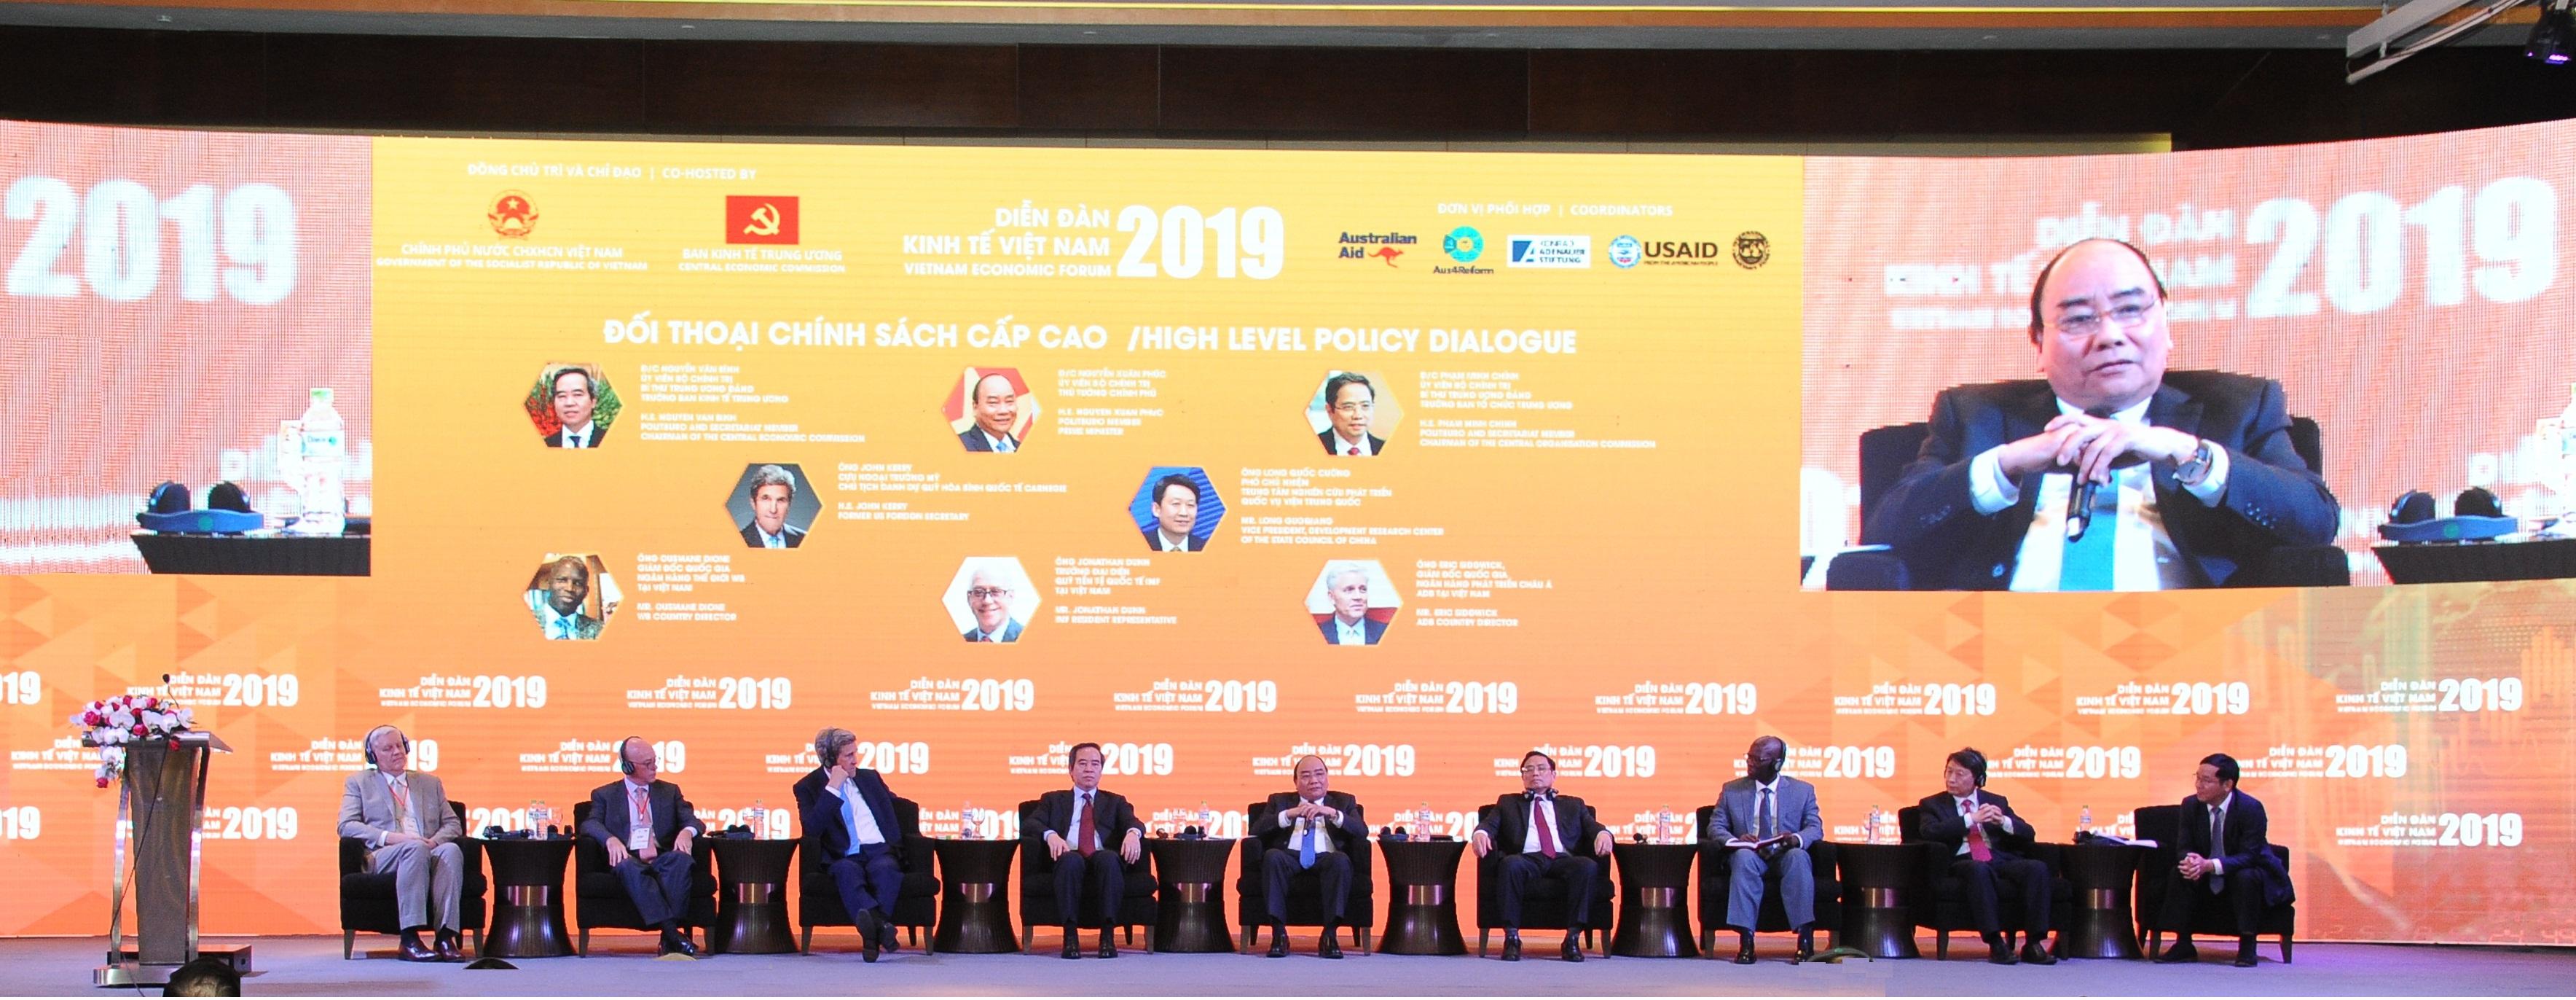 Đối thoại chính sách cấp cao tại Diễn đàn Kinh tế Việt Nam 2019 ngày 17/1